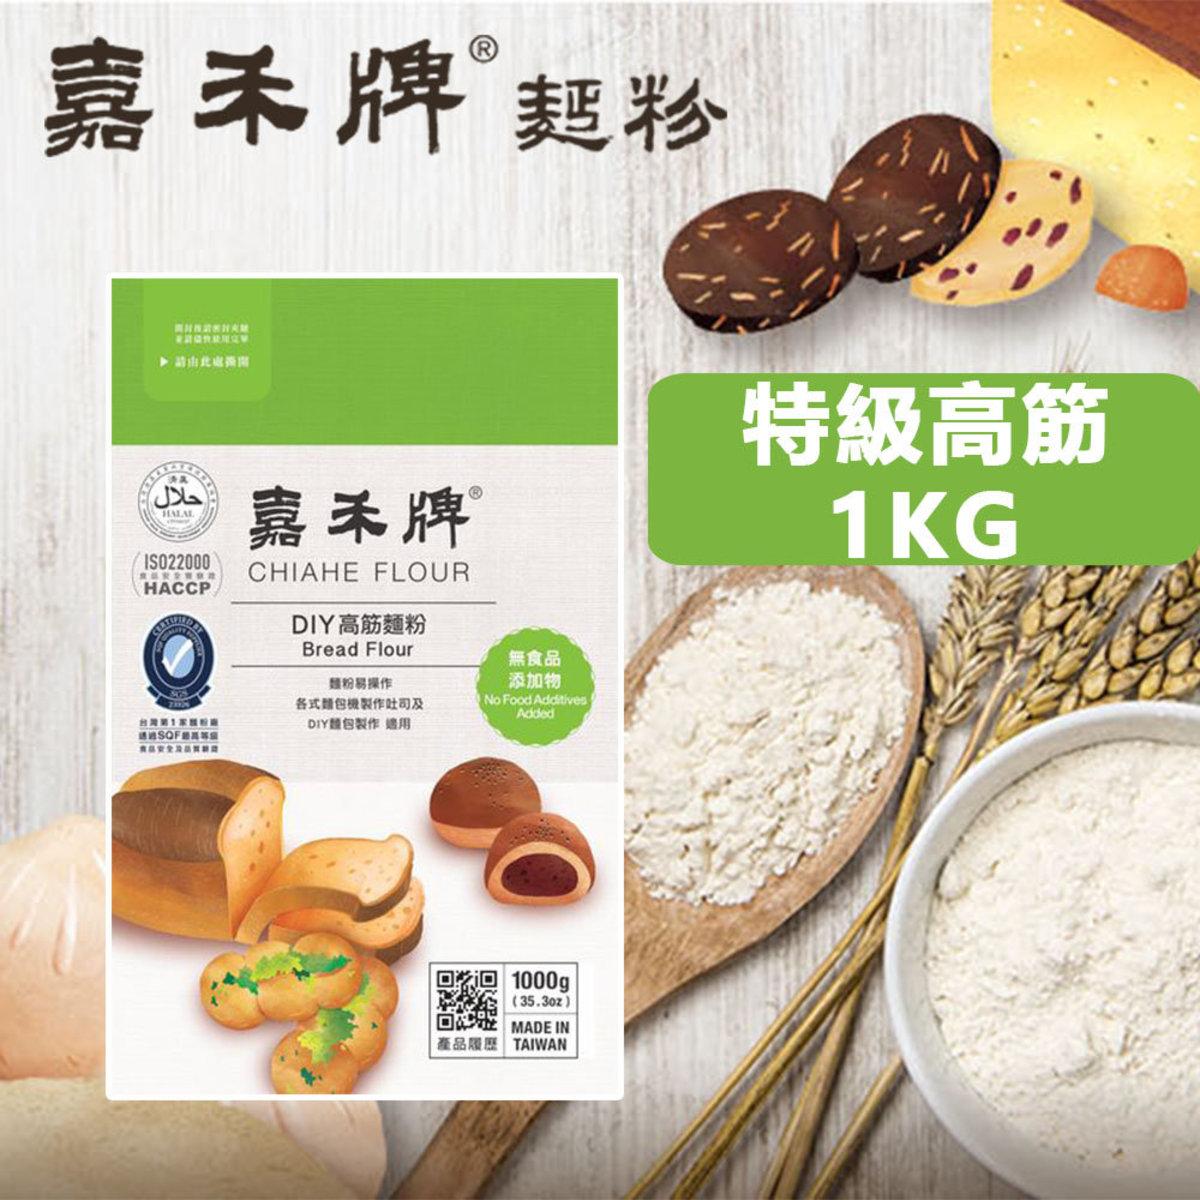 Bread Flour 1KG (特級高筋) - 綠色包裝  台灣產